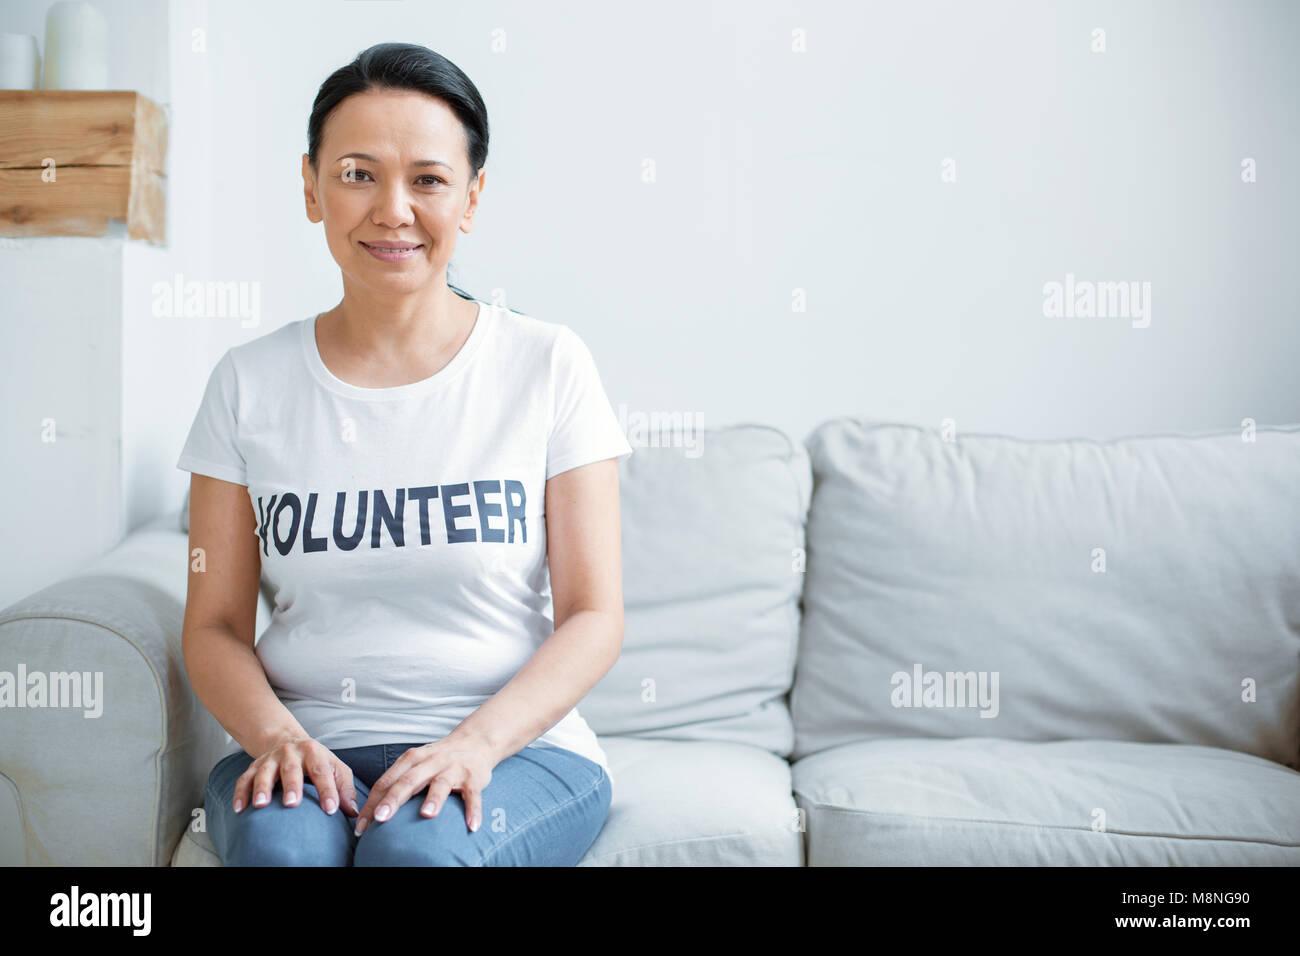 Beautiful female volunteer preparing for service - Stock Image